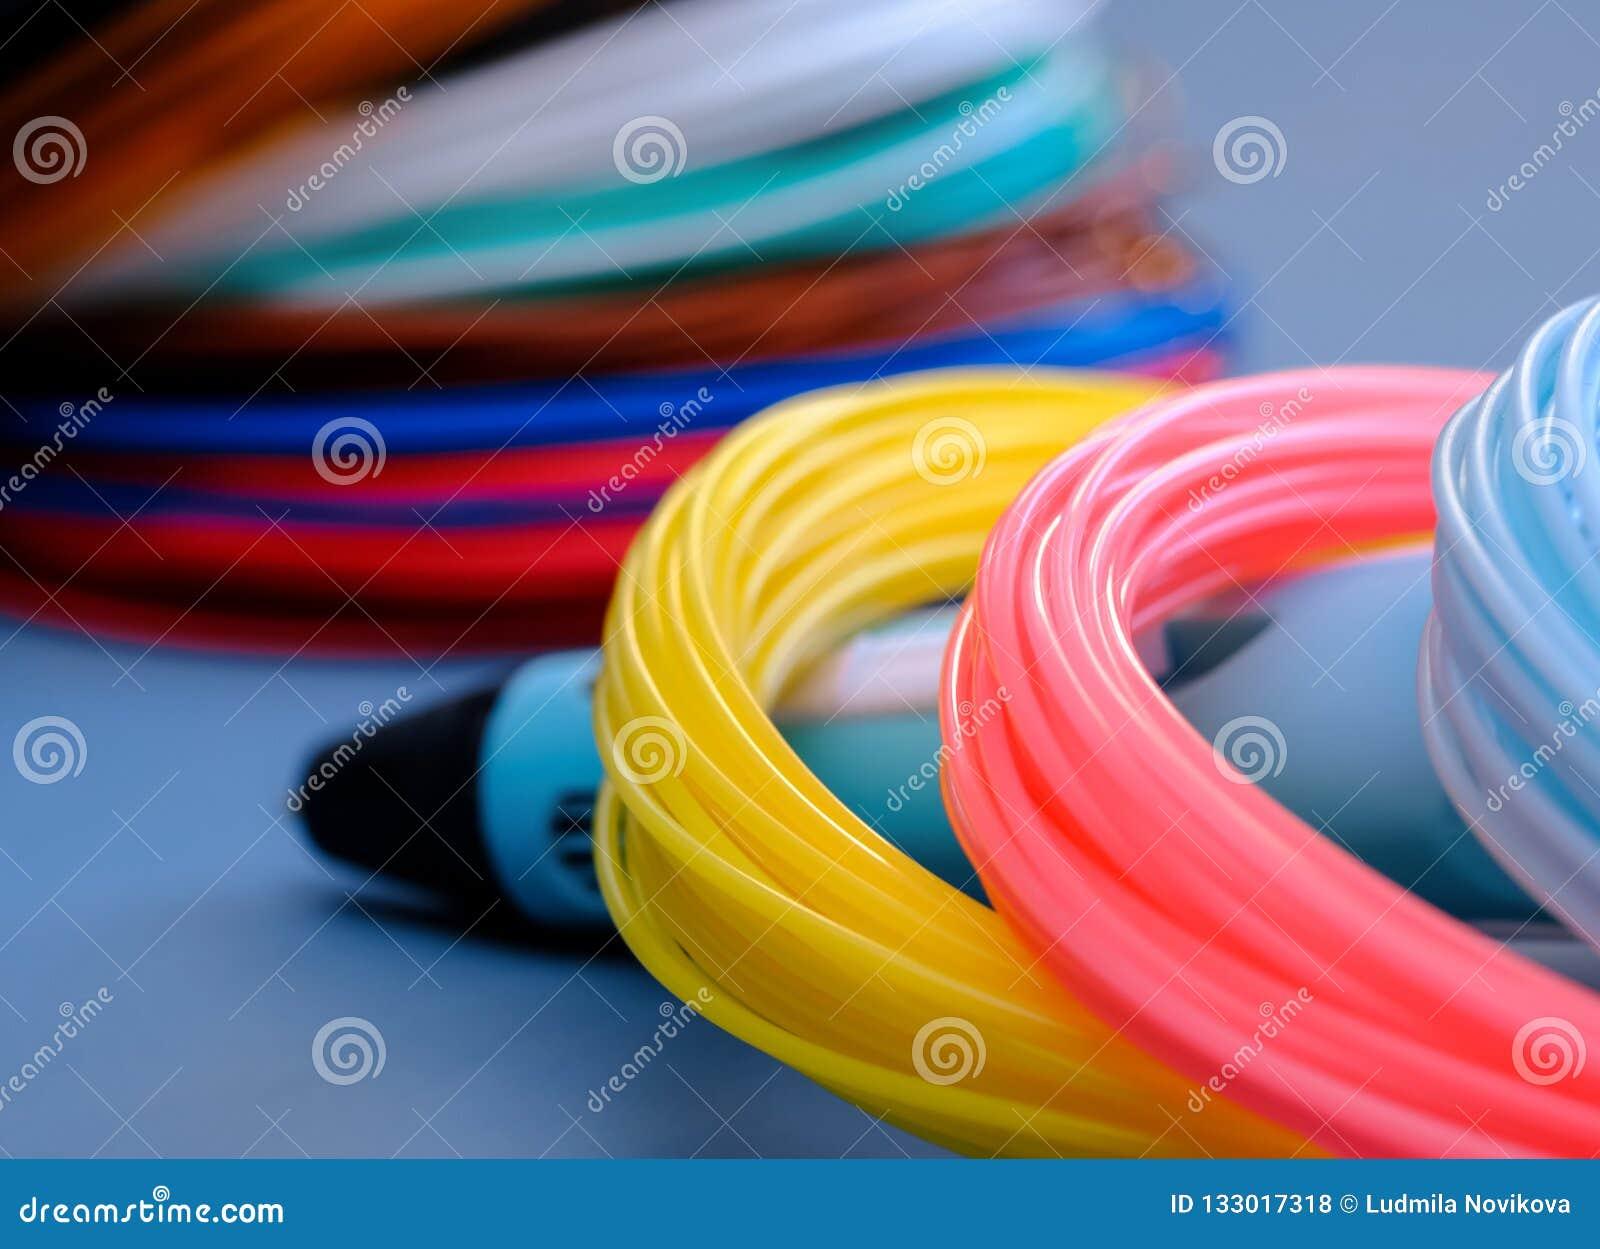 Multicolored plastic en 3D pen van ABS/PLN op een blauwe achtergrond